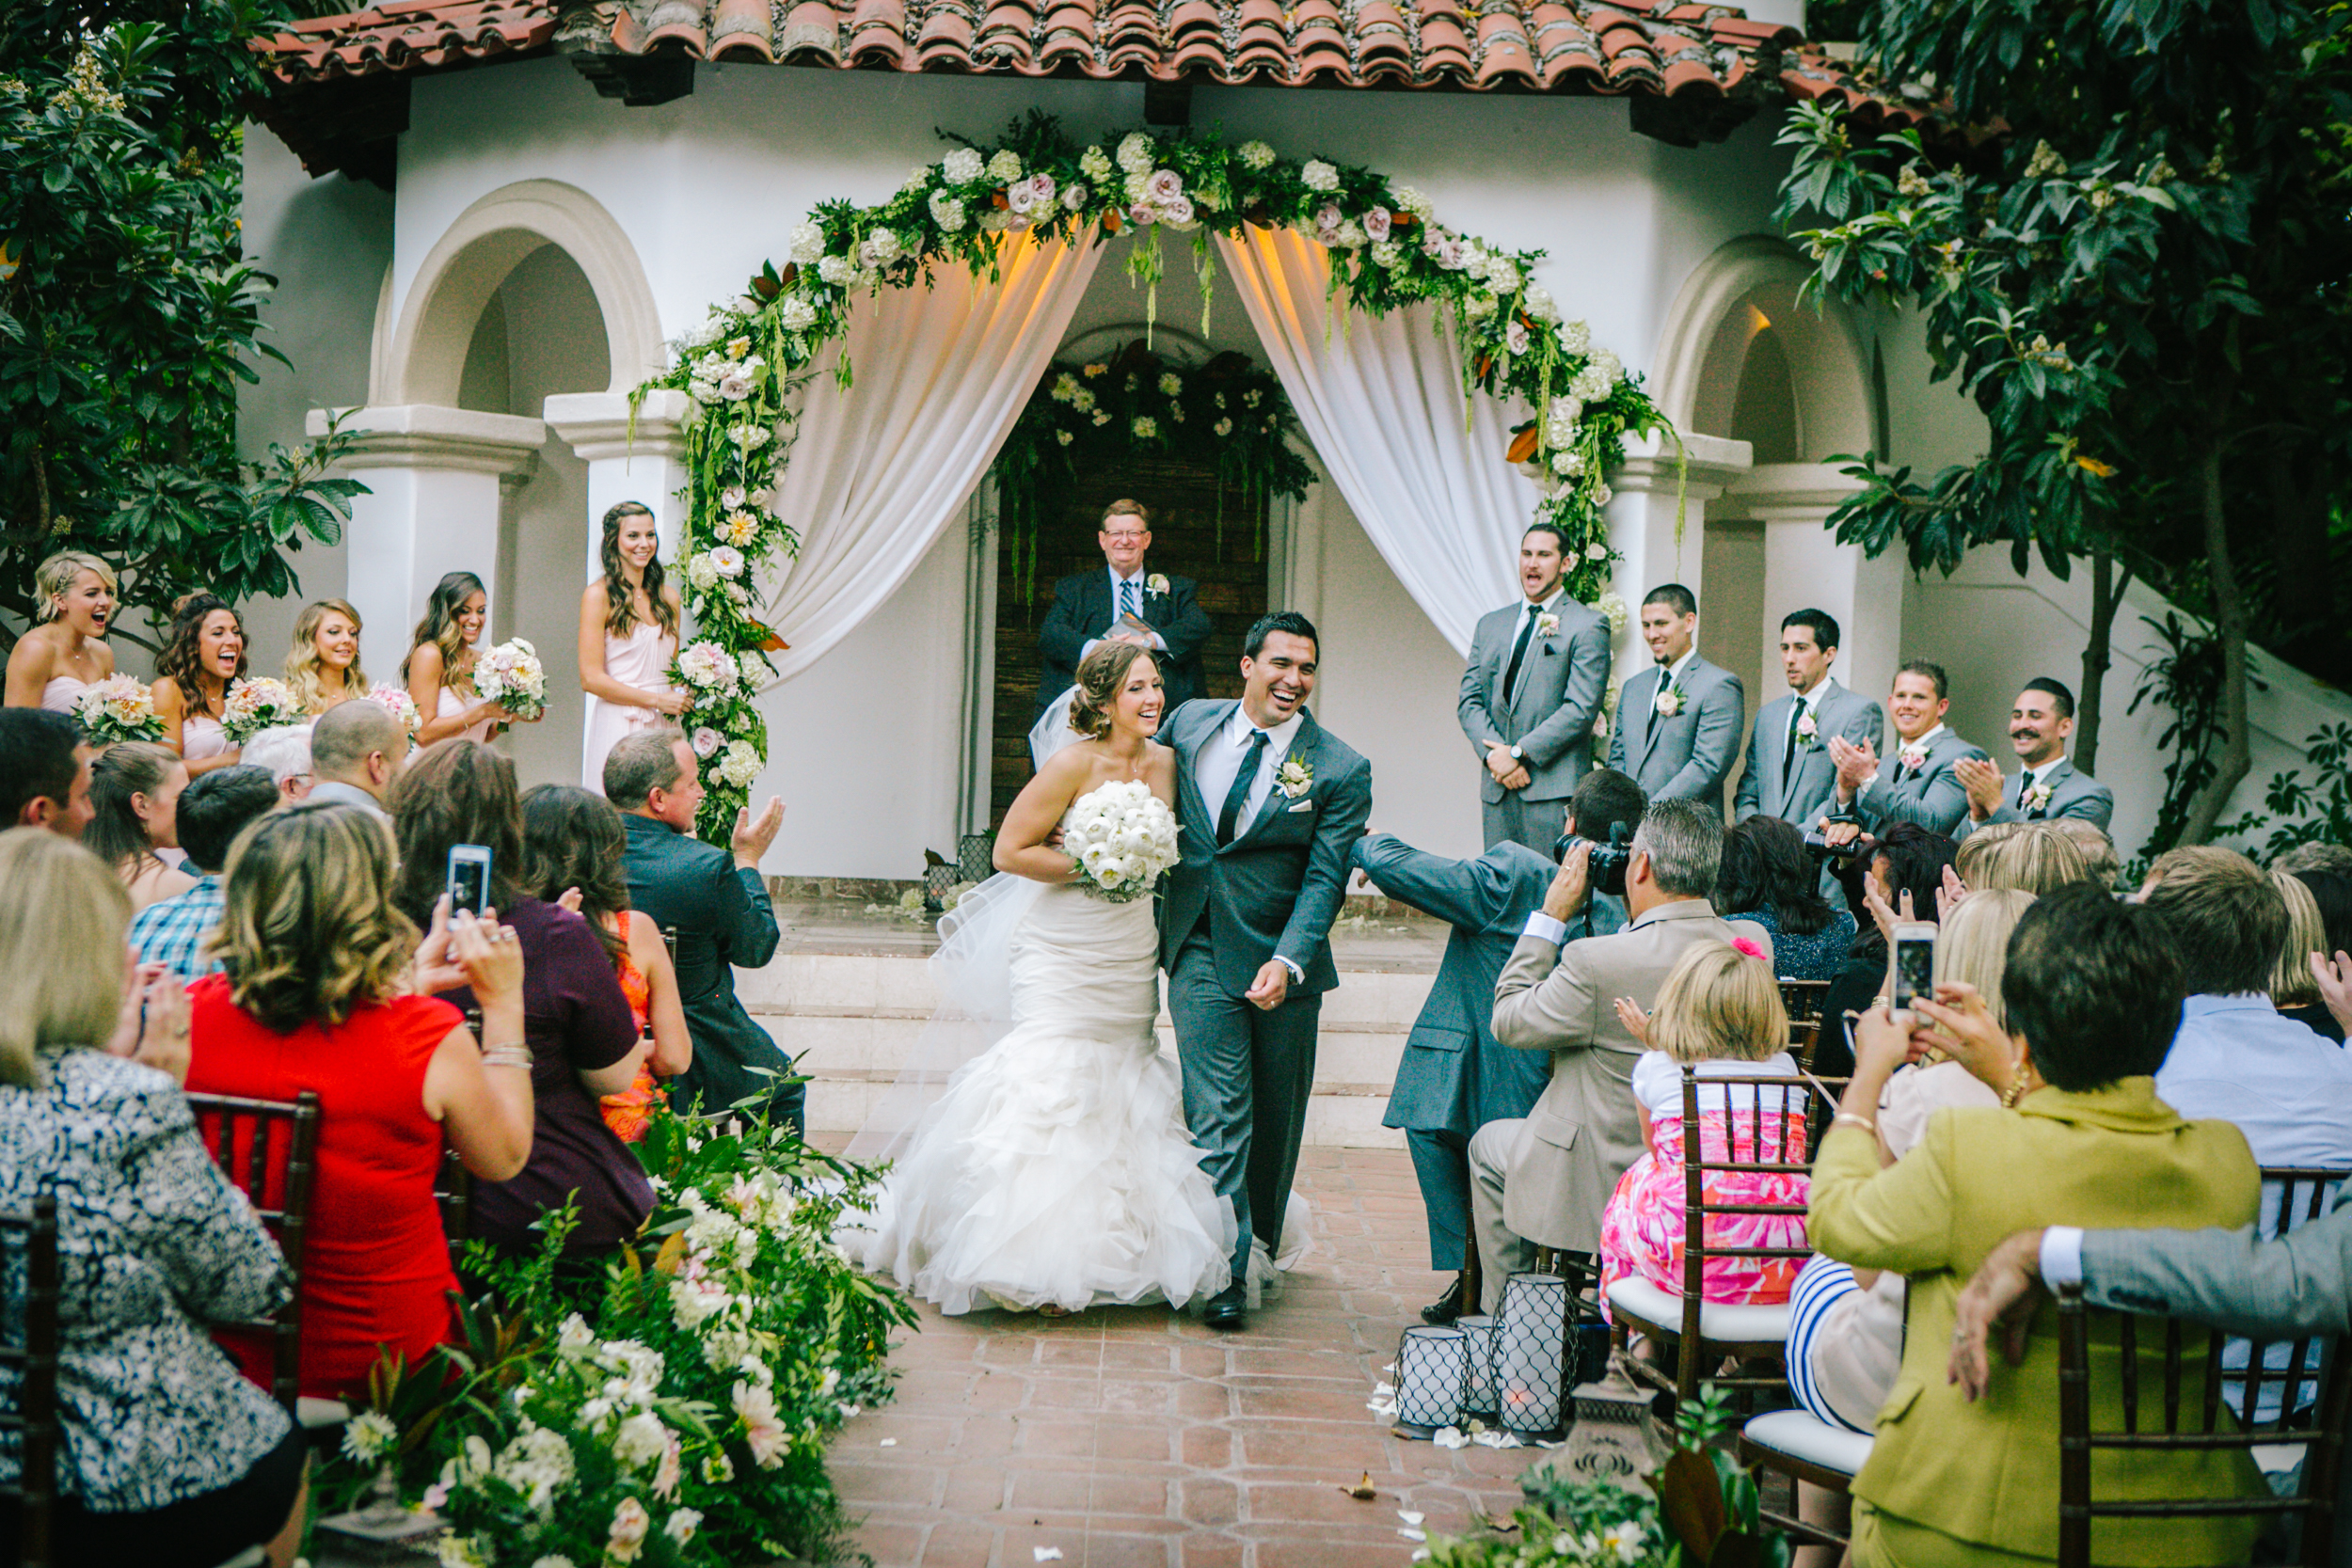 Rancho-Las-Lomas-Wedding-0010.JPG